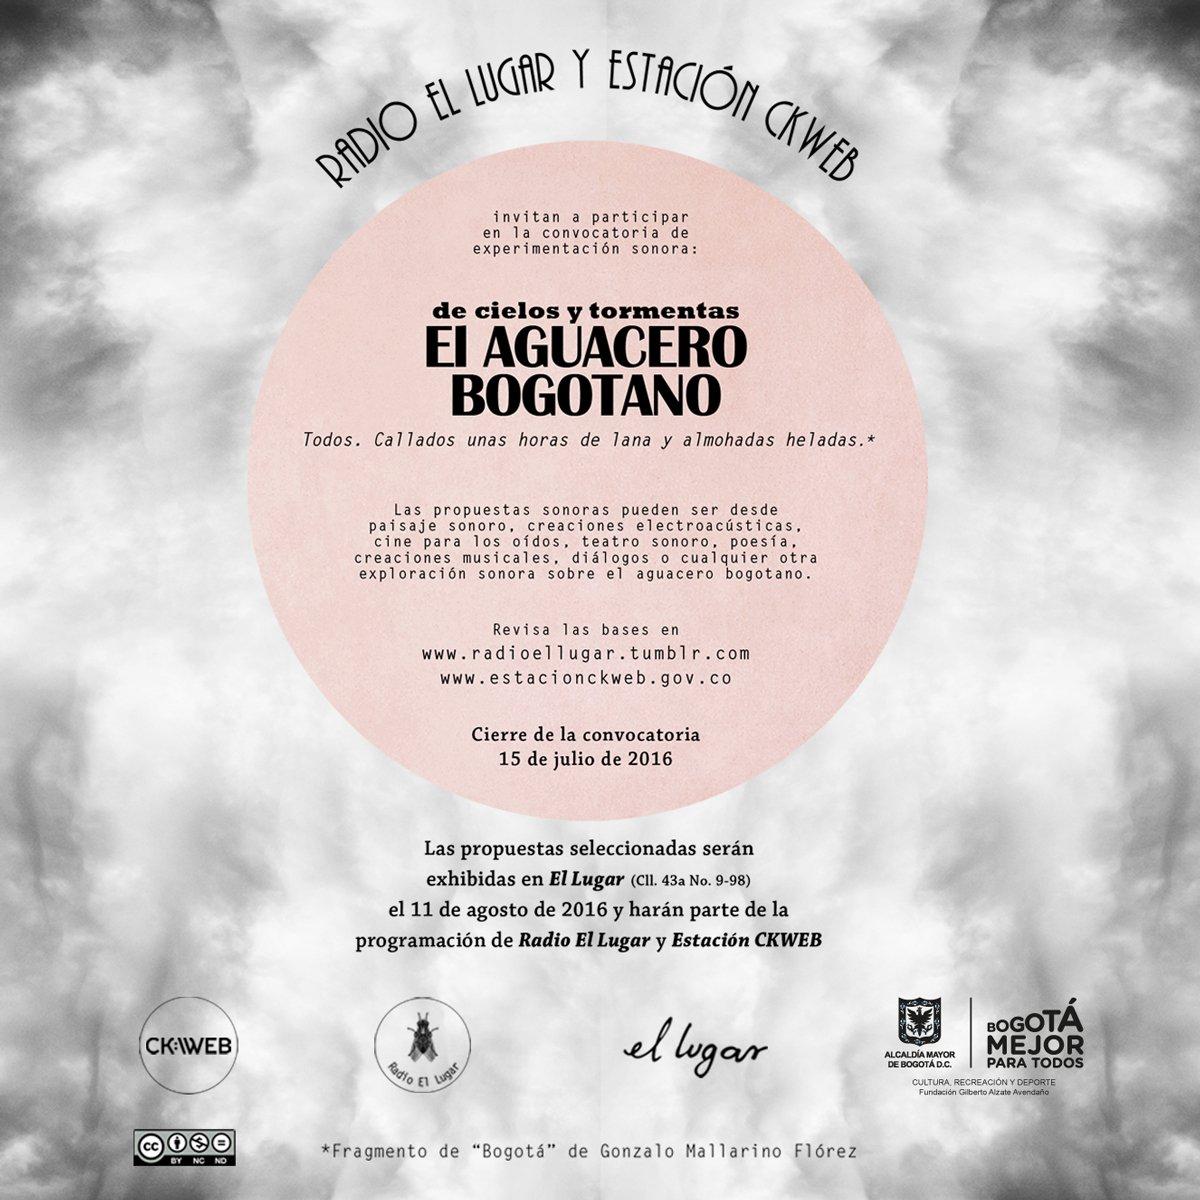 Tenemos rodando la primera convocatoria de @EstacionCKWEB inspirada en el bellísimo y tradicional #AguaceroBogotano. https://t.co/P22aWkRO46